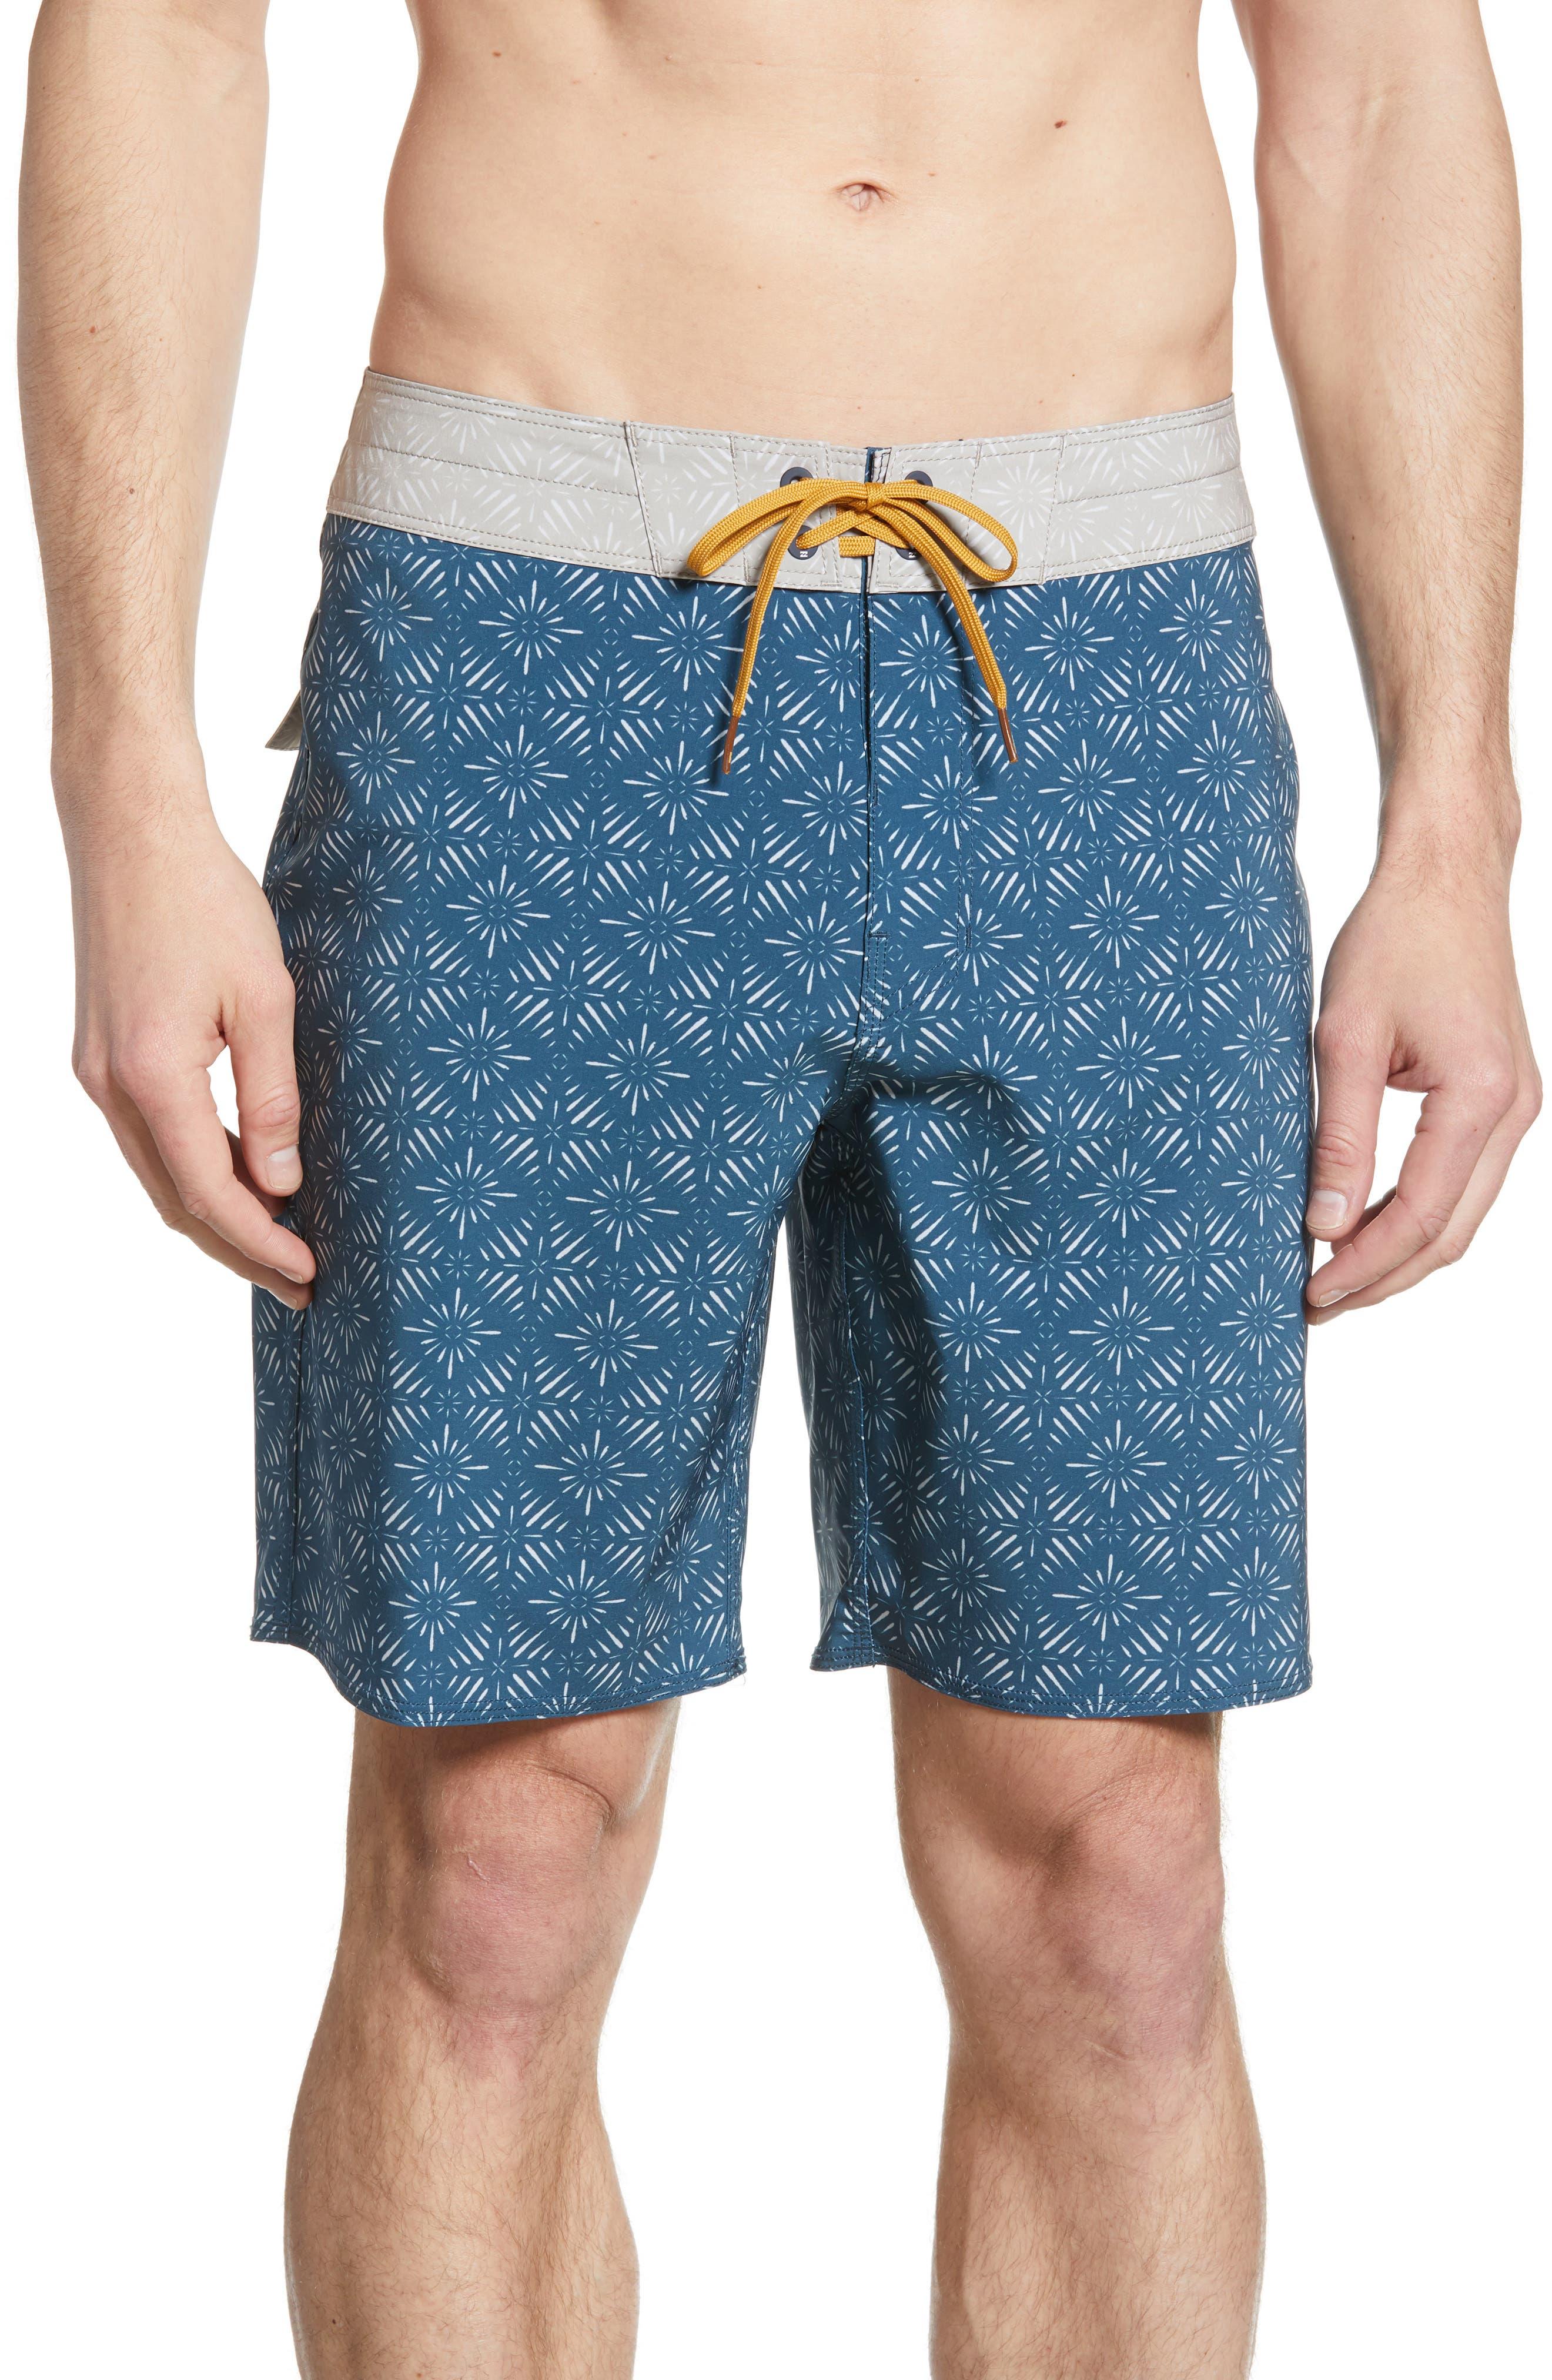 Billabong Sundays Pro Board Shorts, Blue